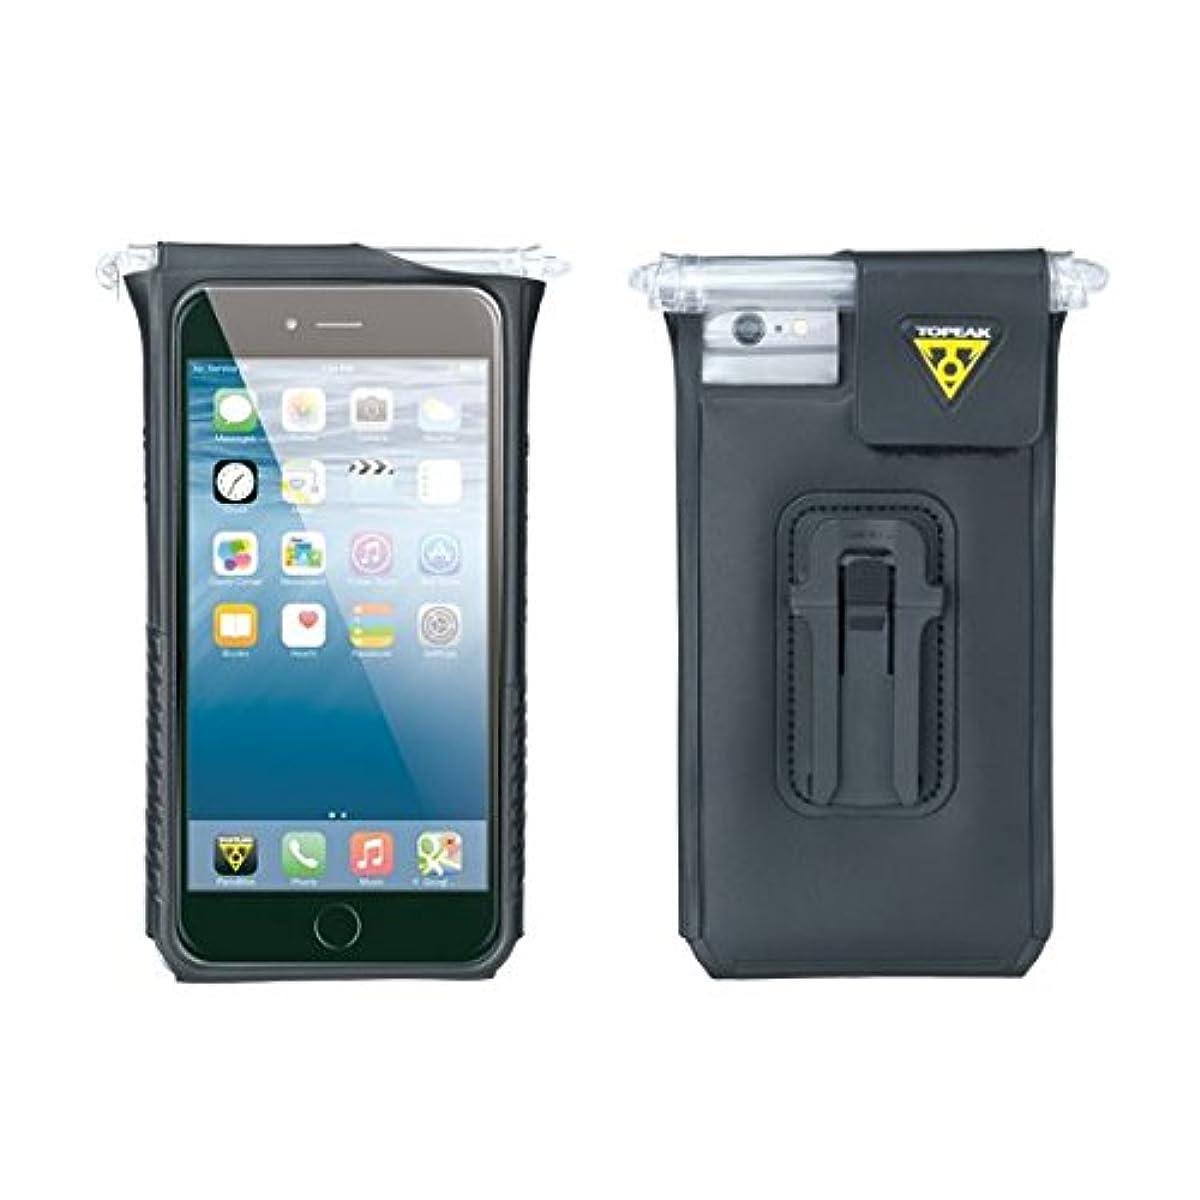 [해외] 도피쿠 스마트 폰 드라이버구 (iPhon 6용) 블랙(BAG31700)